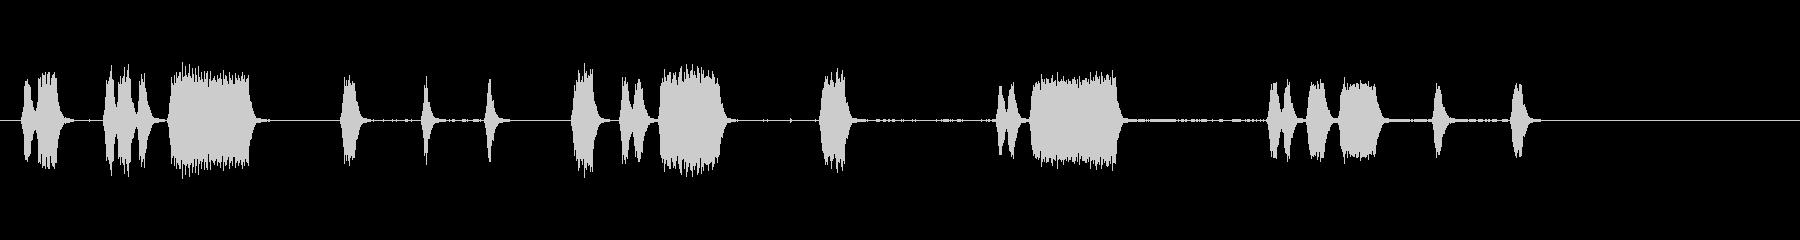 カーホーンビープ音;小型車からのさ...の未再生の波形